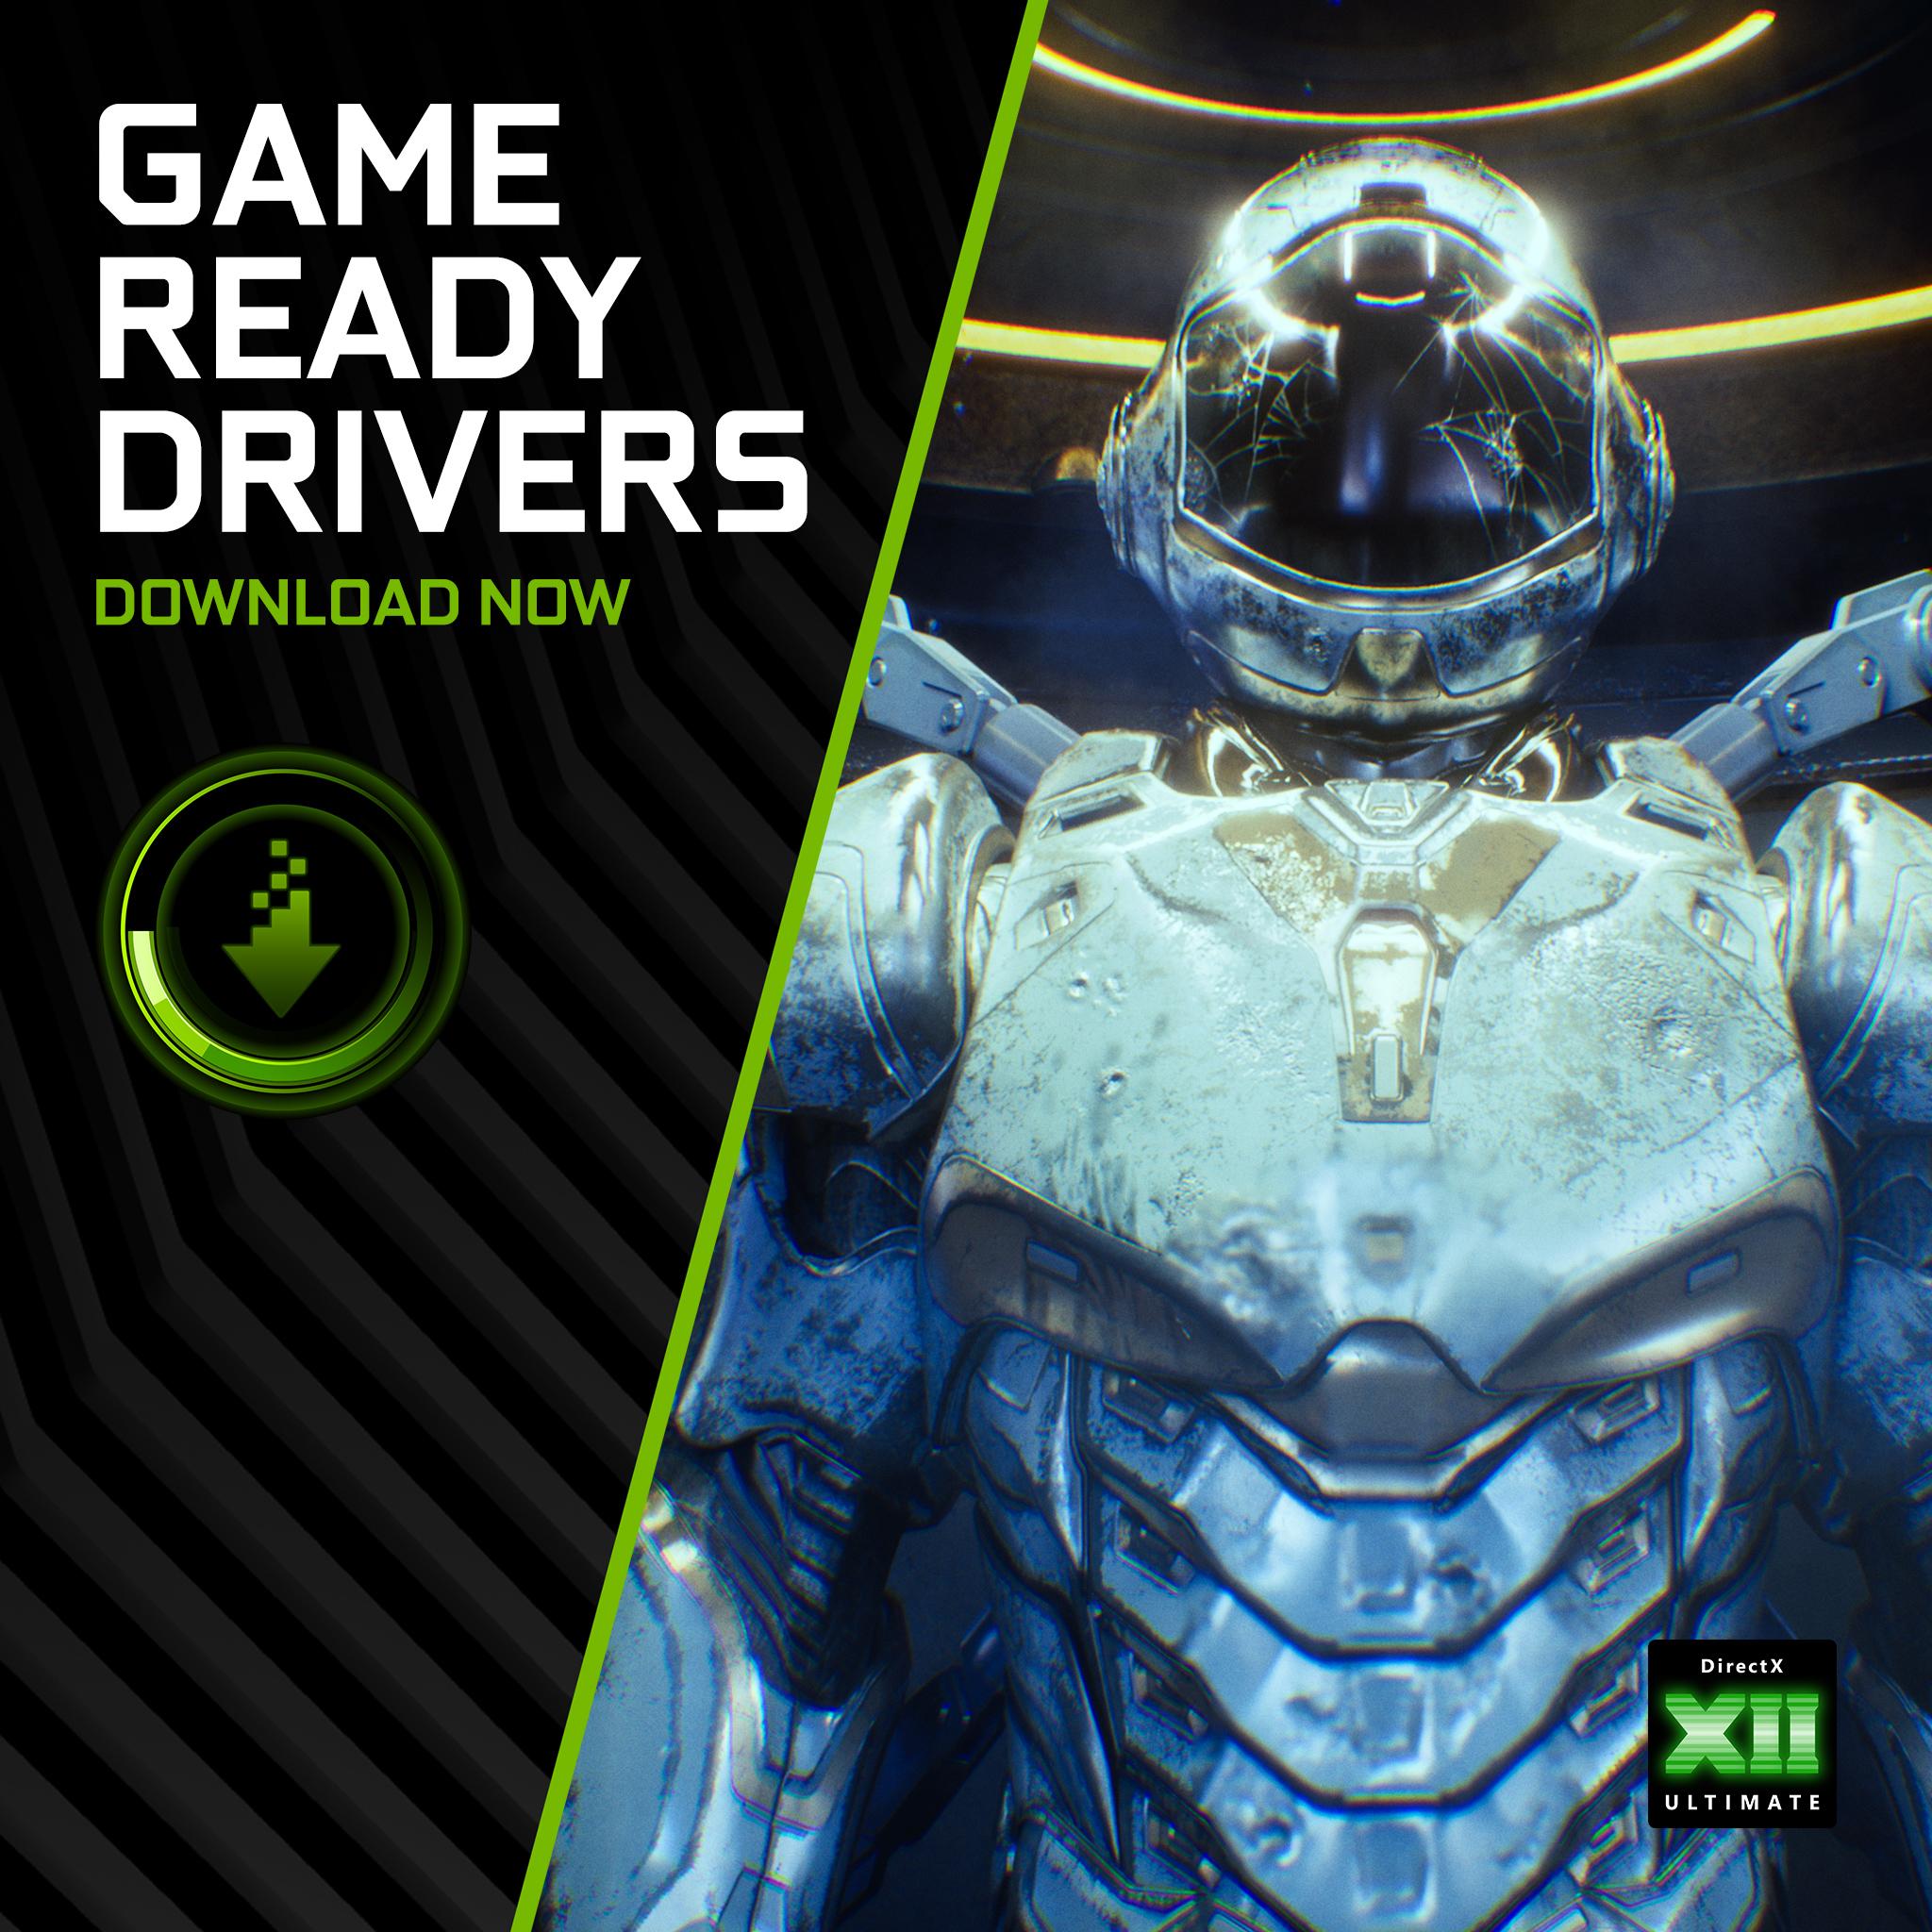 GPU-urile NVIDIA oferă suport hardware și software pentru funcționalitățile Microsoft DirectX 12 Ultimate și gestionare automată a memoriei video